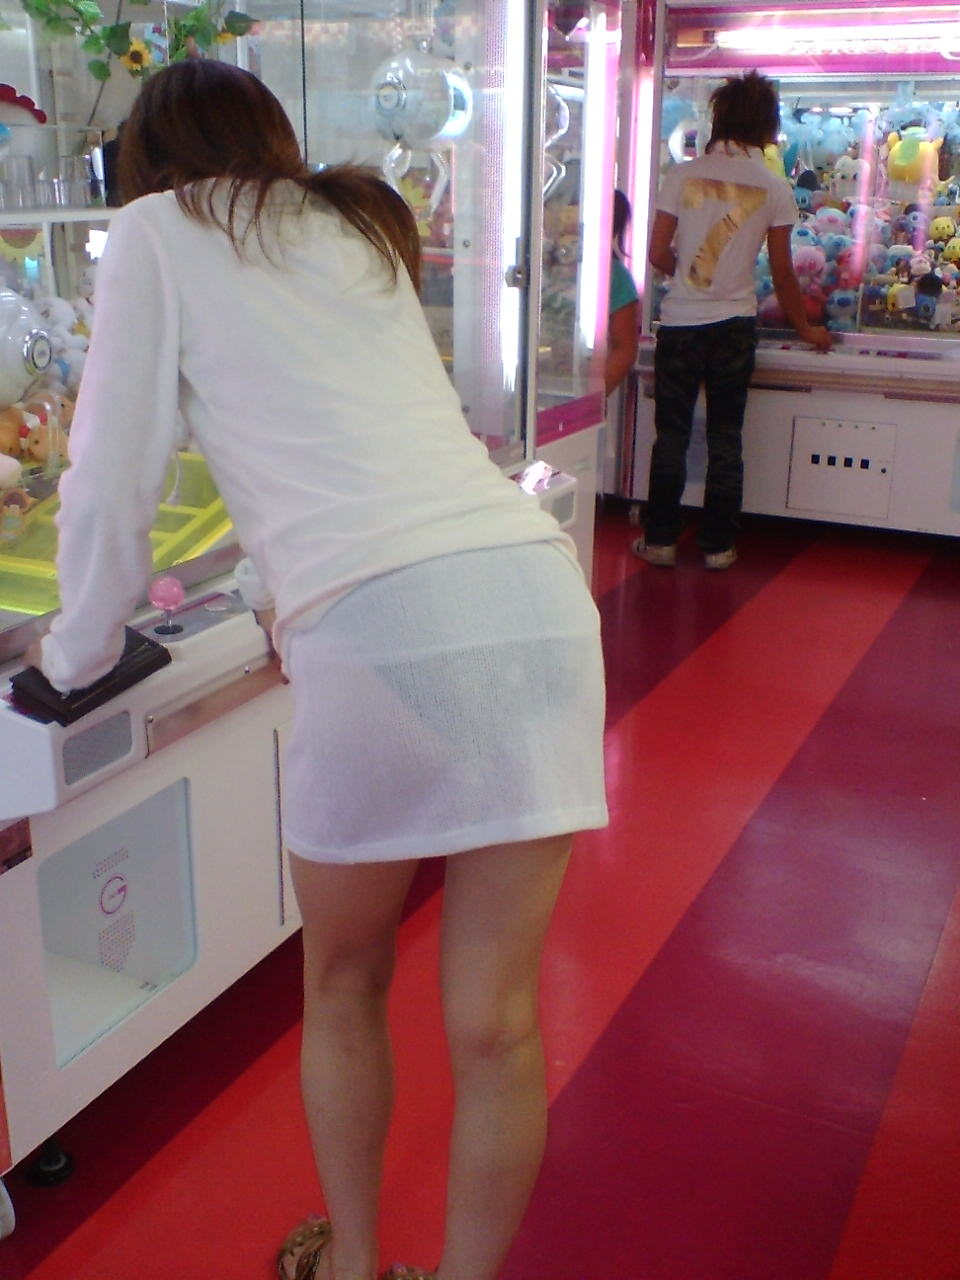 【透けパンエロ画像】これはヤバい!!素人のパンティーが透け透け!!スカート履いてる意味ないほどの透けパン画像 その10